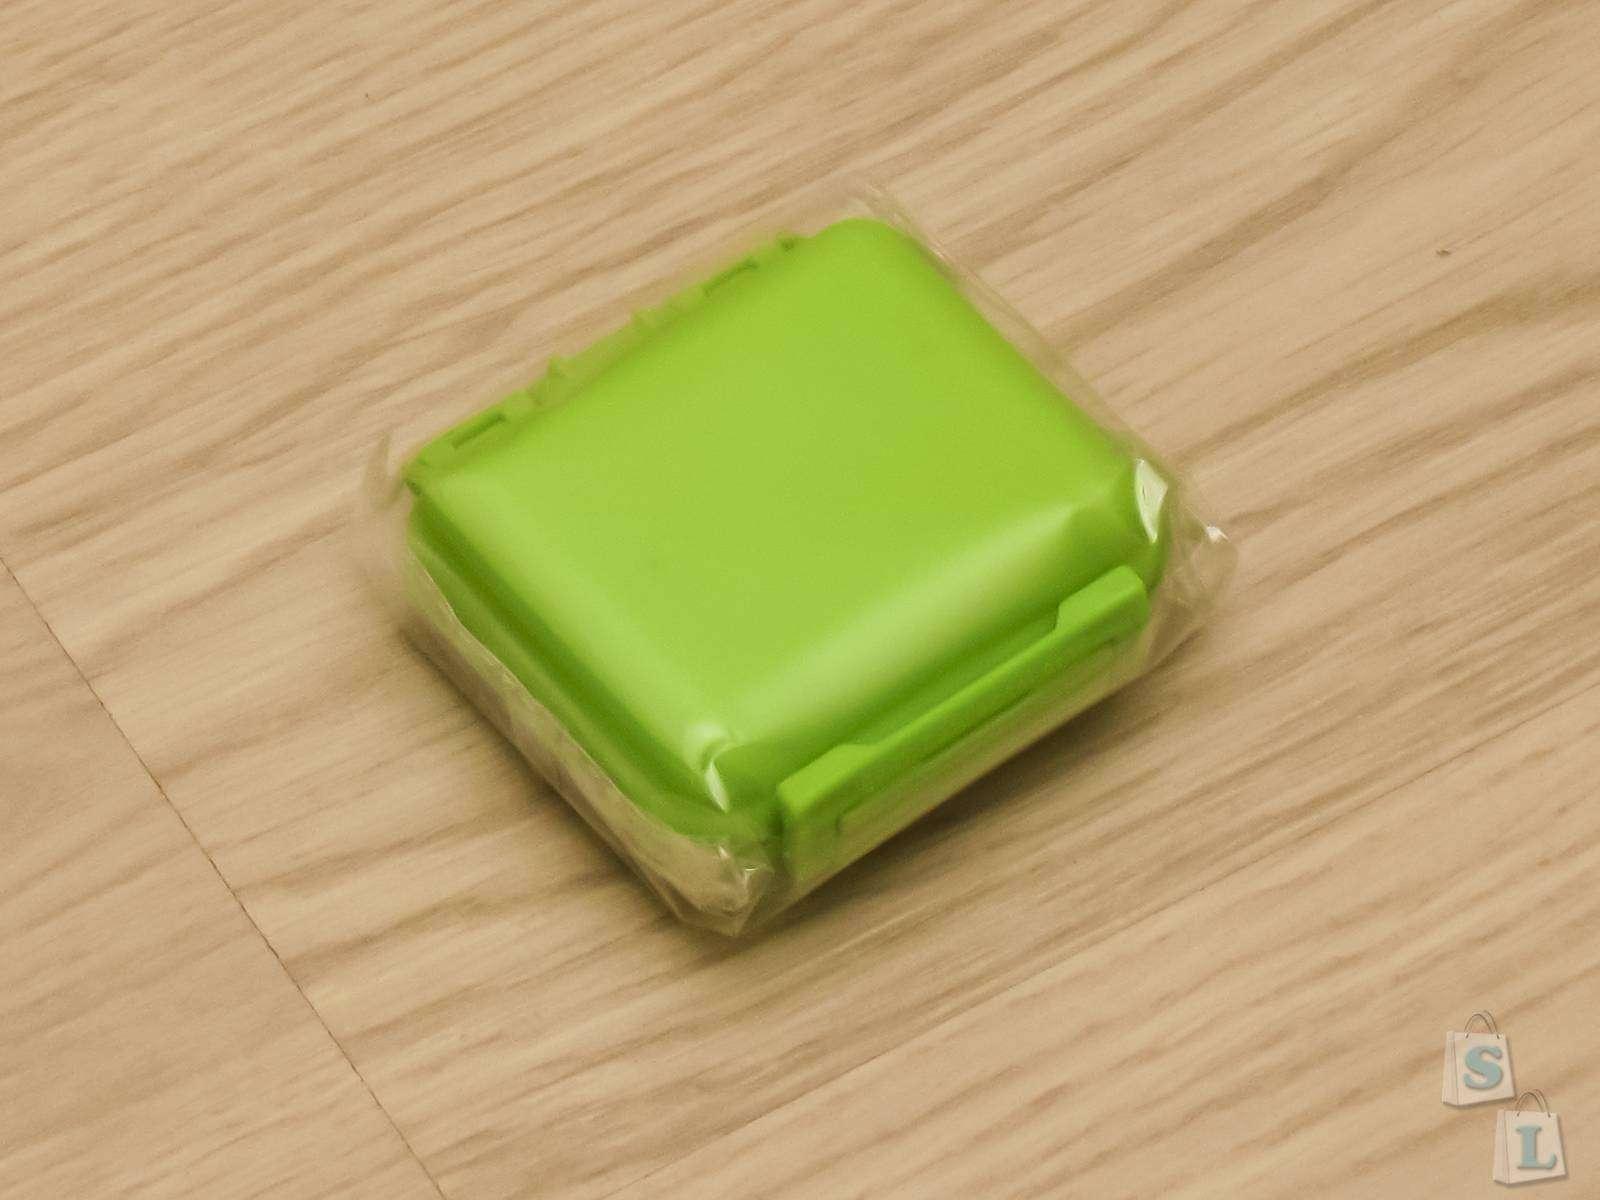 Aliexpress: Бокс - органайзер для таблеток, пилюль, мелкой бижутерии, или мелких предметов